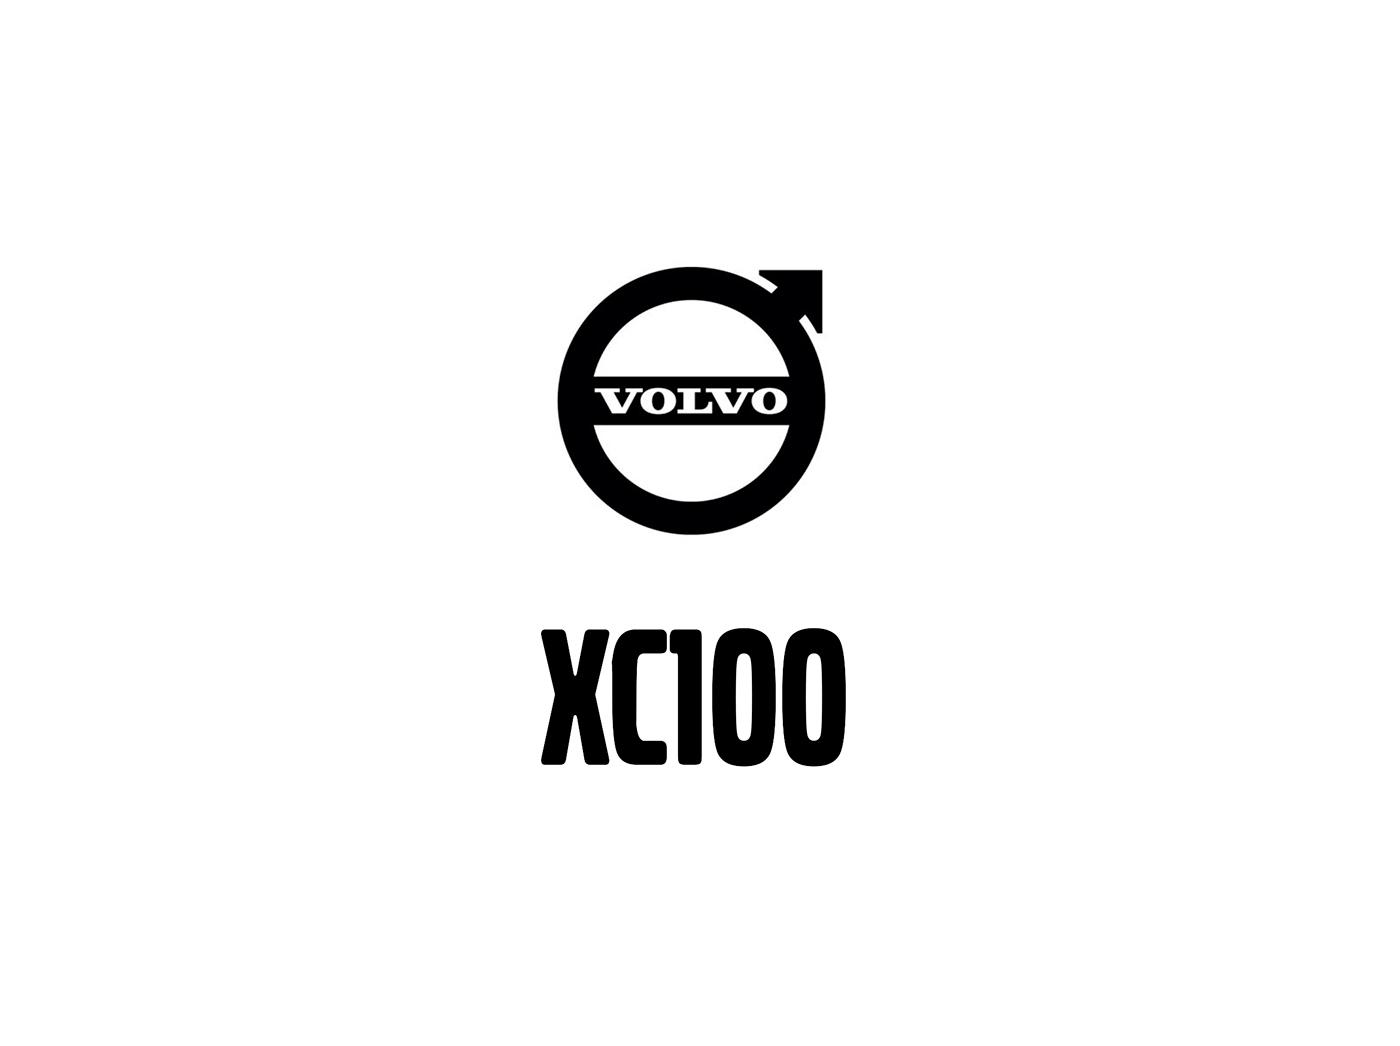 Volvo Xc100 On Behance